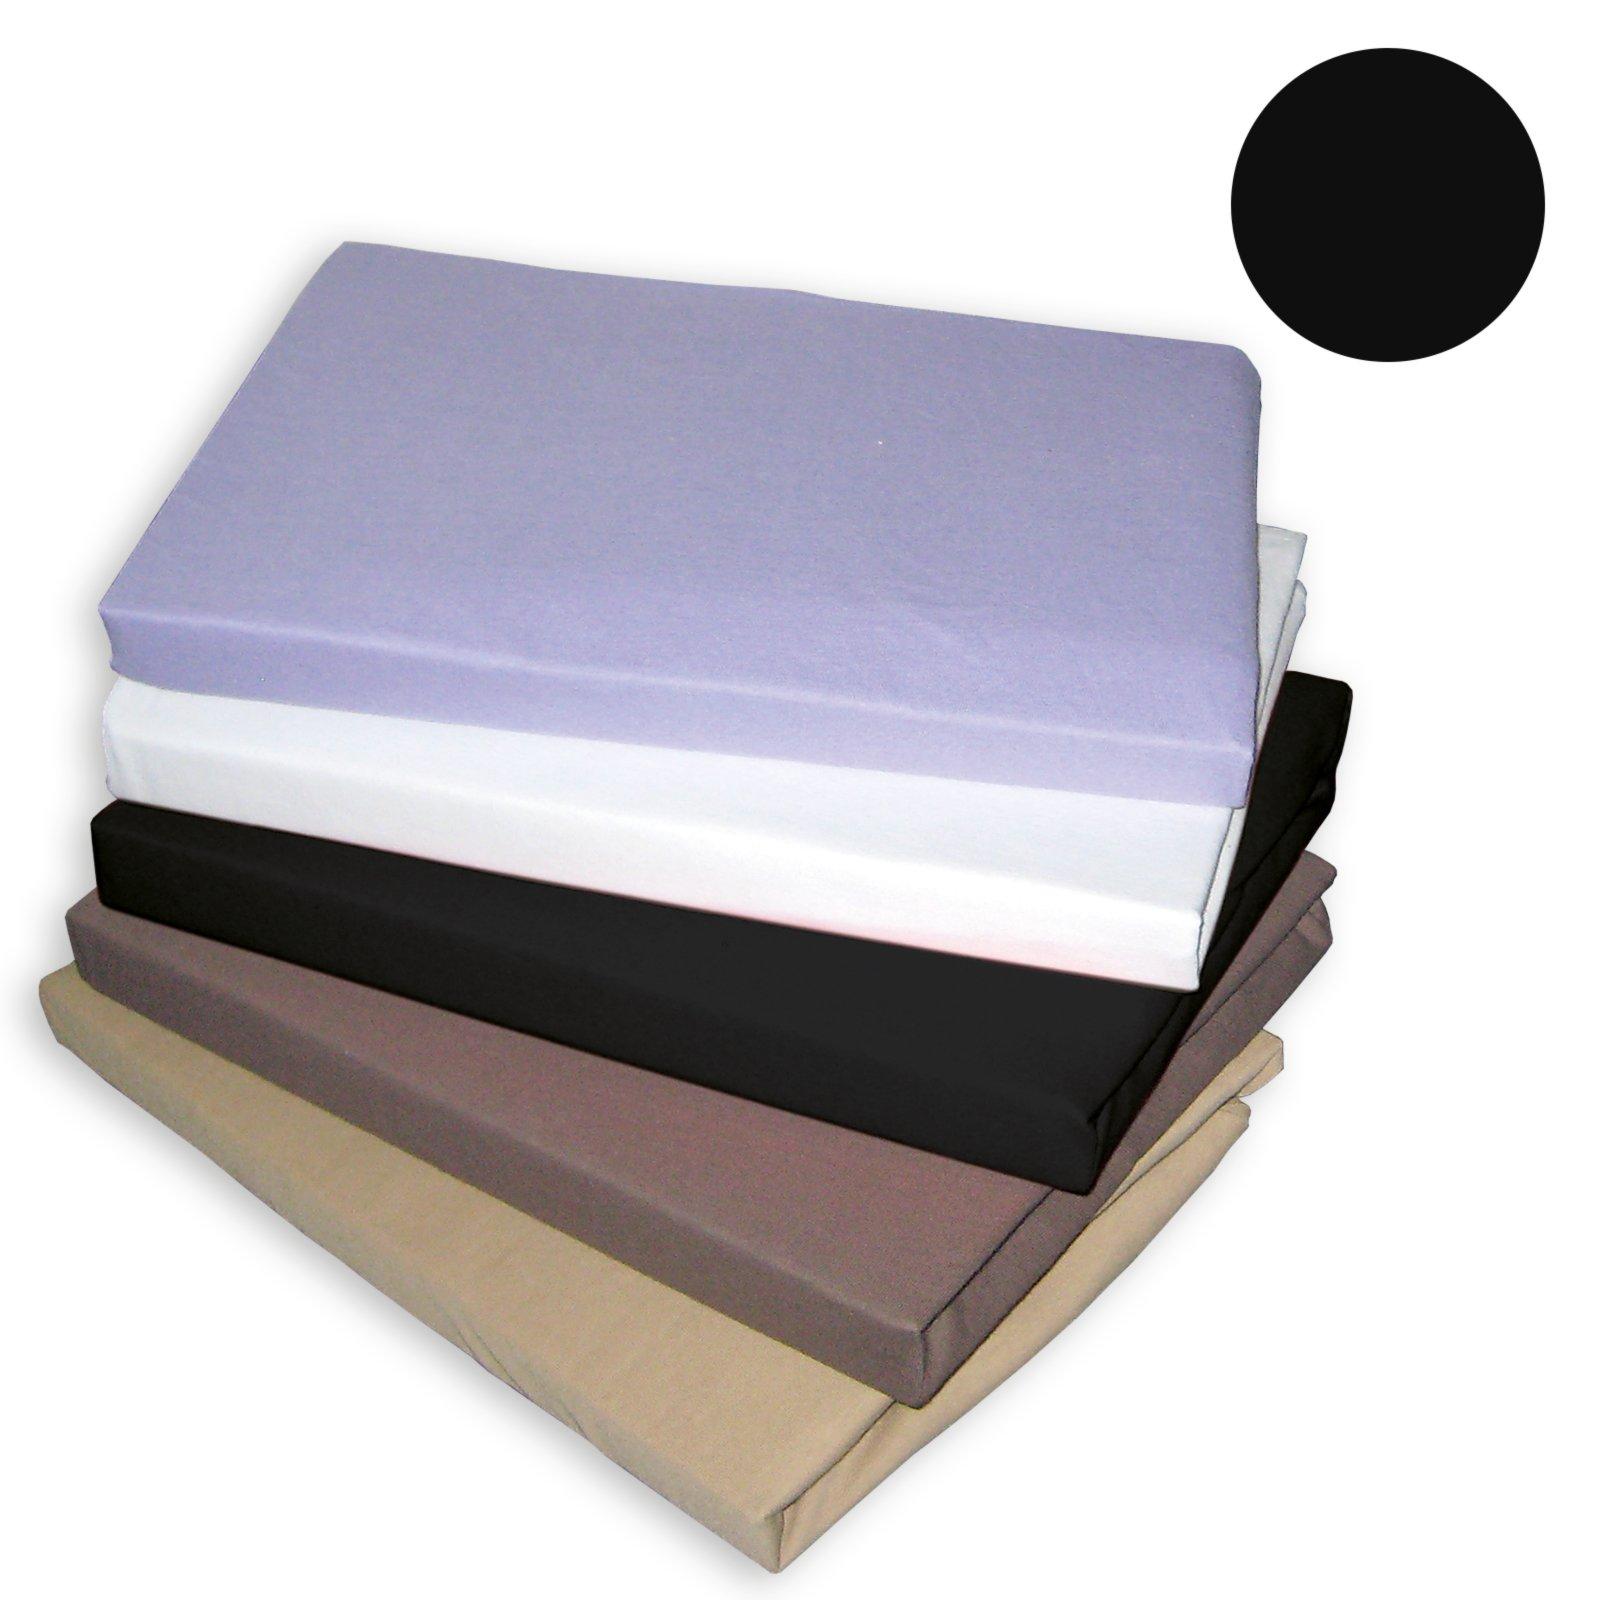 Topper-Spannbettlaken TRAUMHAFT GUT - schwarz - 180 x 200 cm